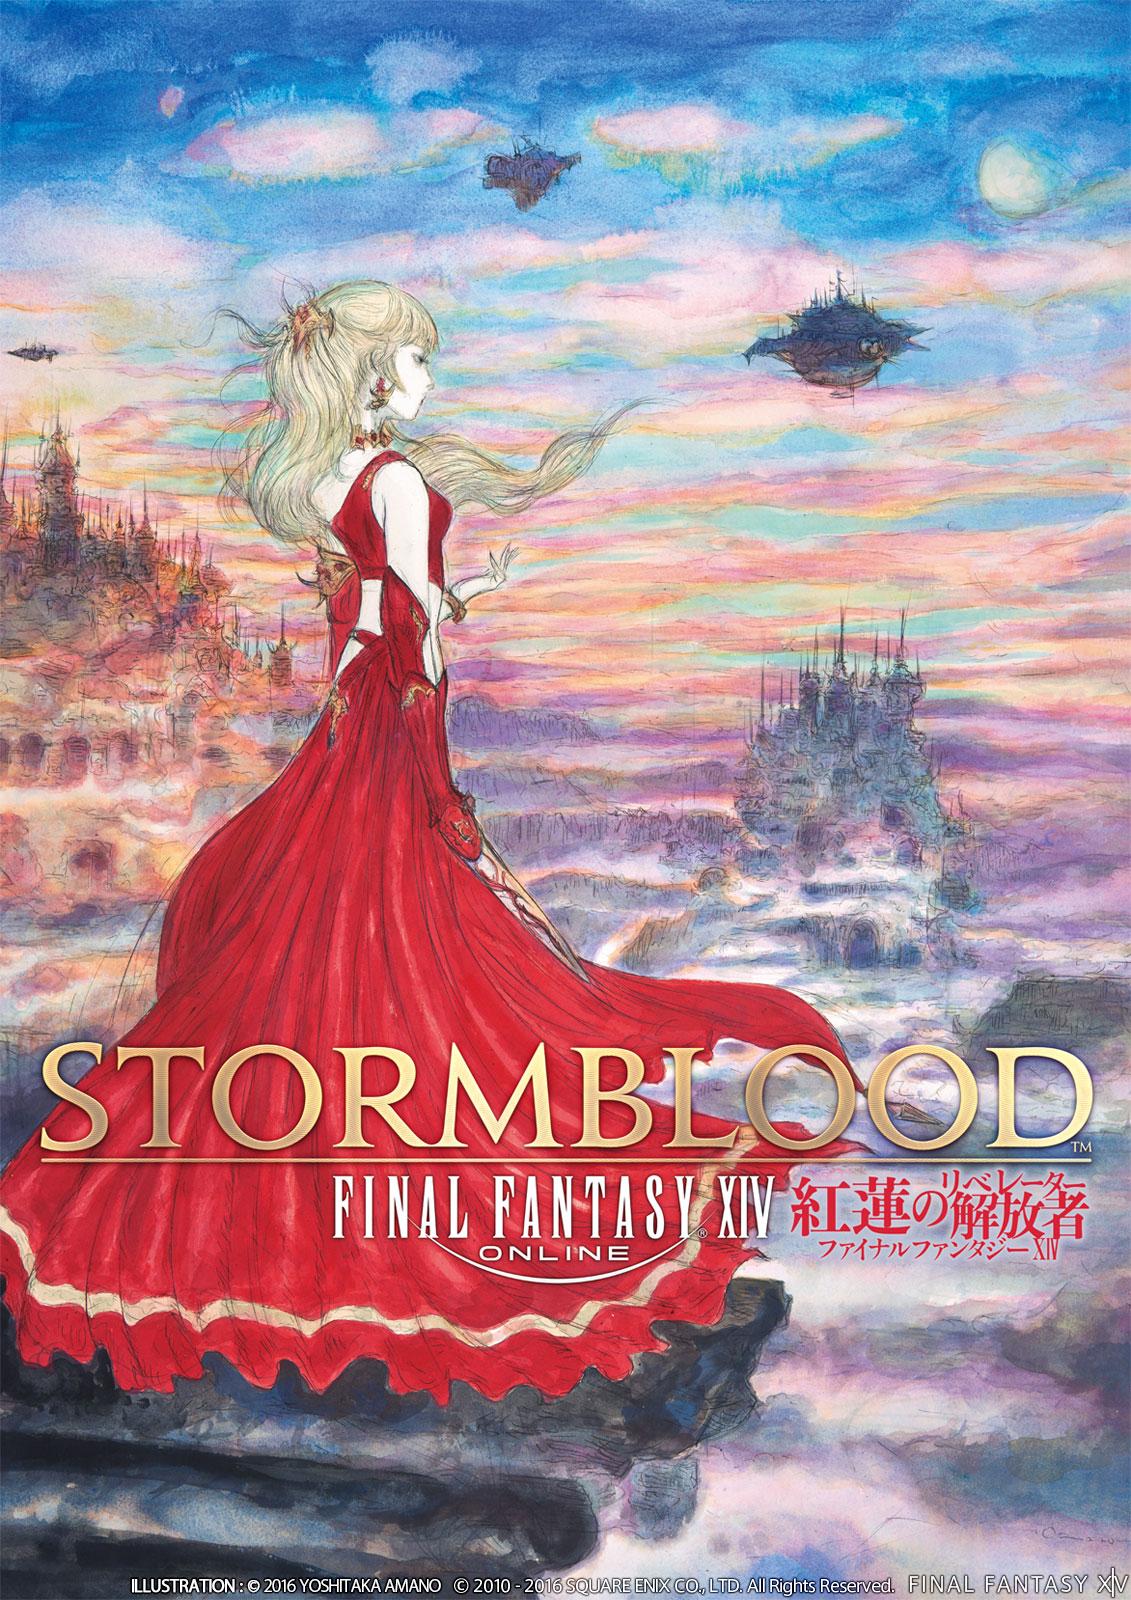 finalfantasyxiv_stormblood_